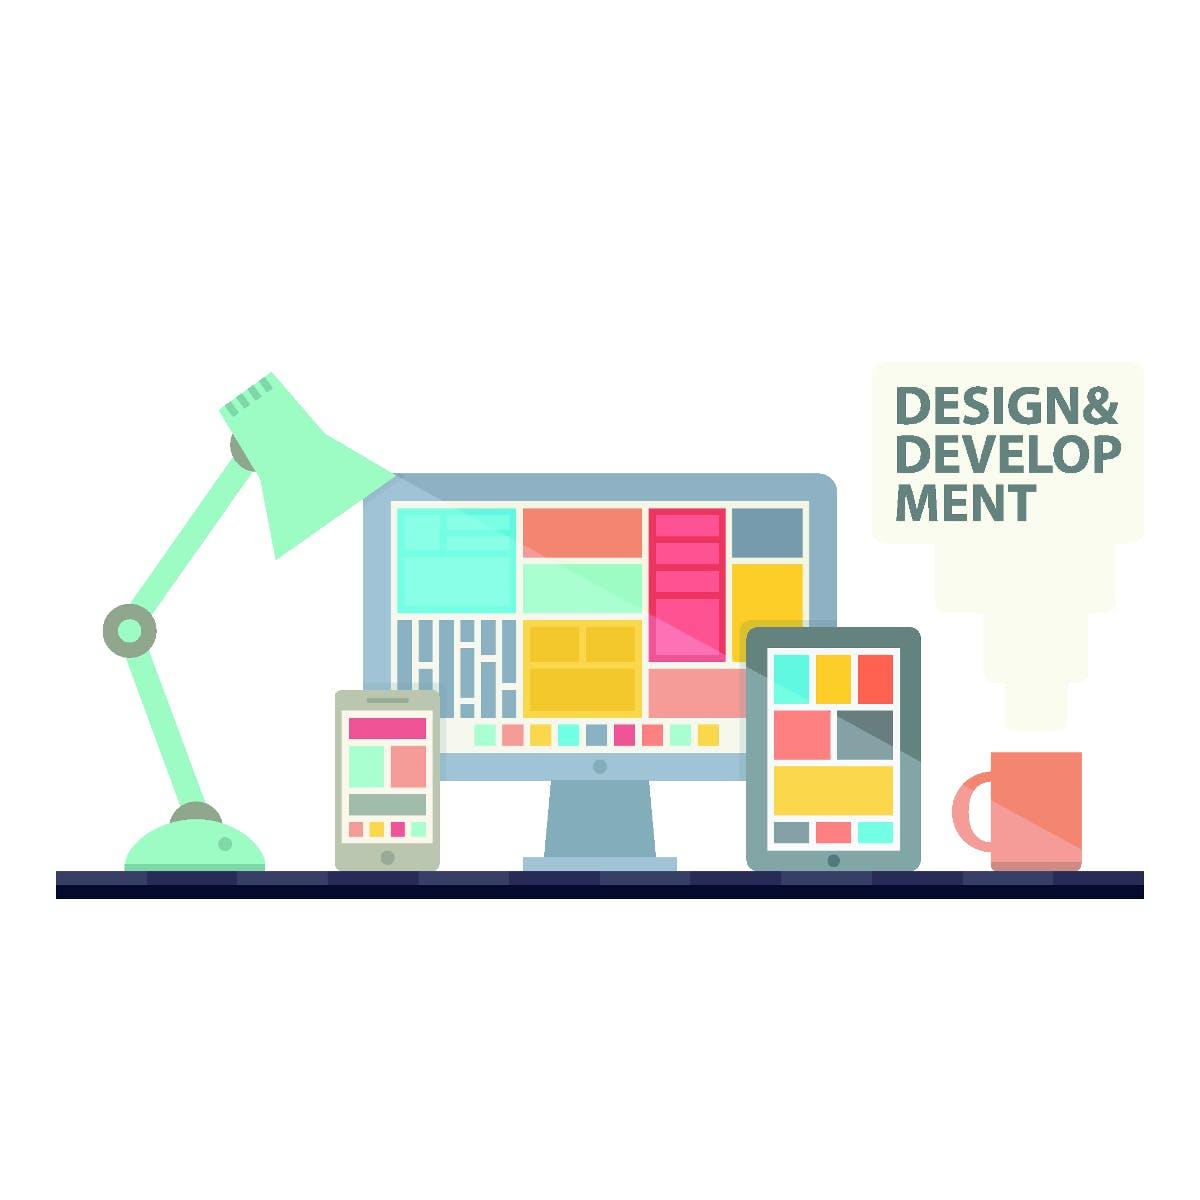 أساسيات مواقع الويب سريعة الاستجابة: البرمجة باستخدام HTML وCSS وJavaScript